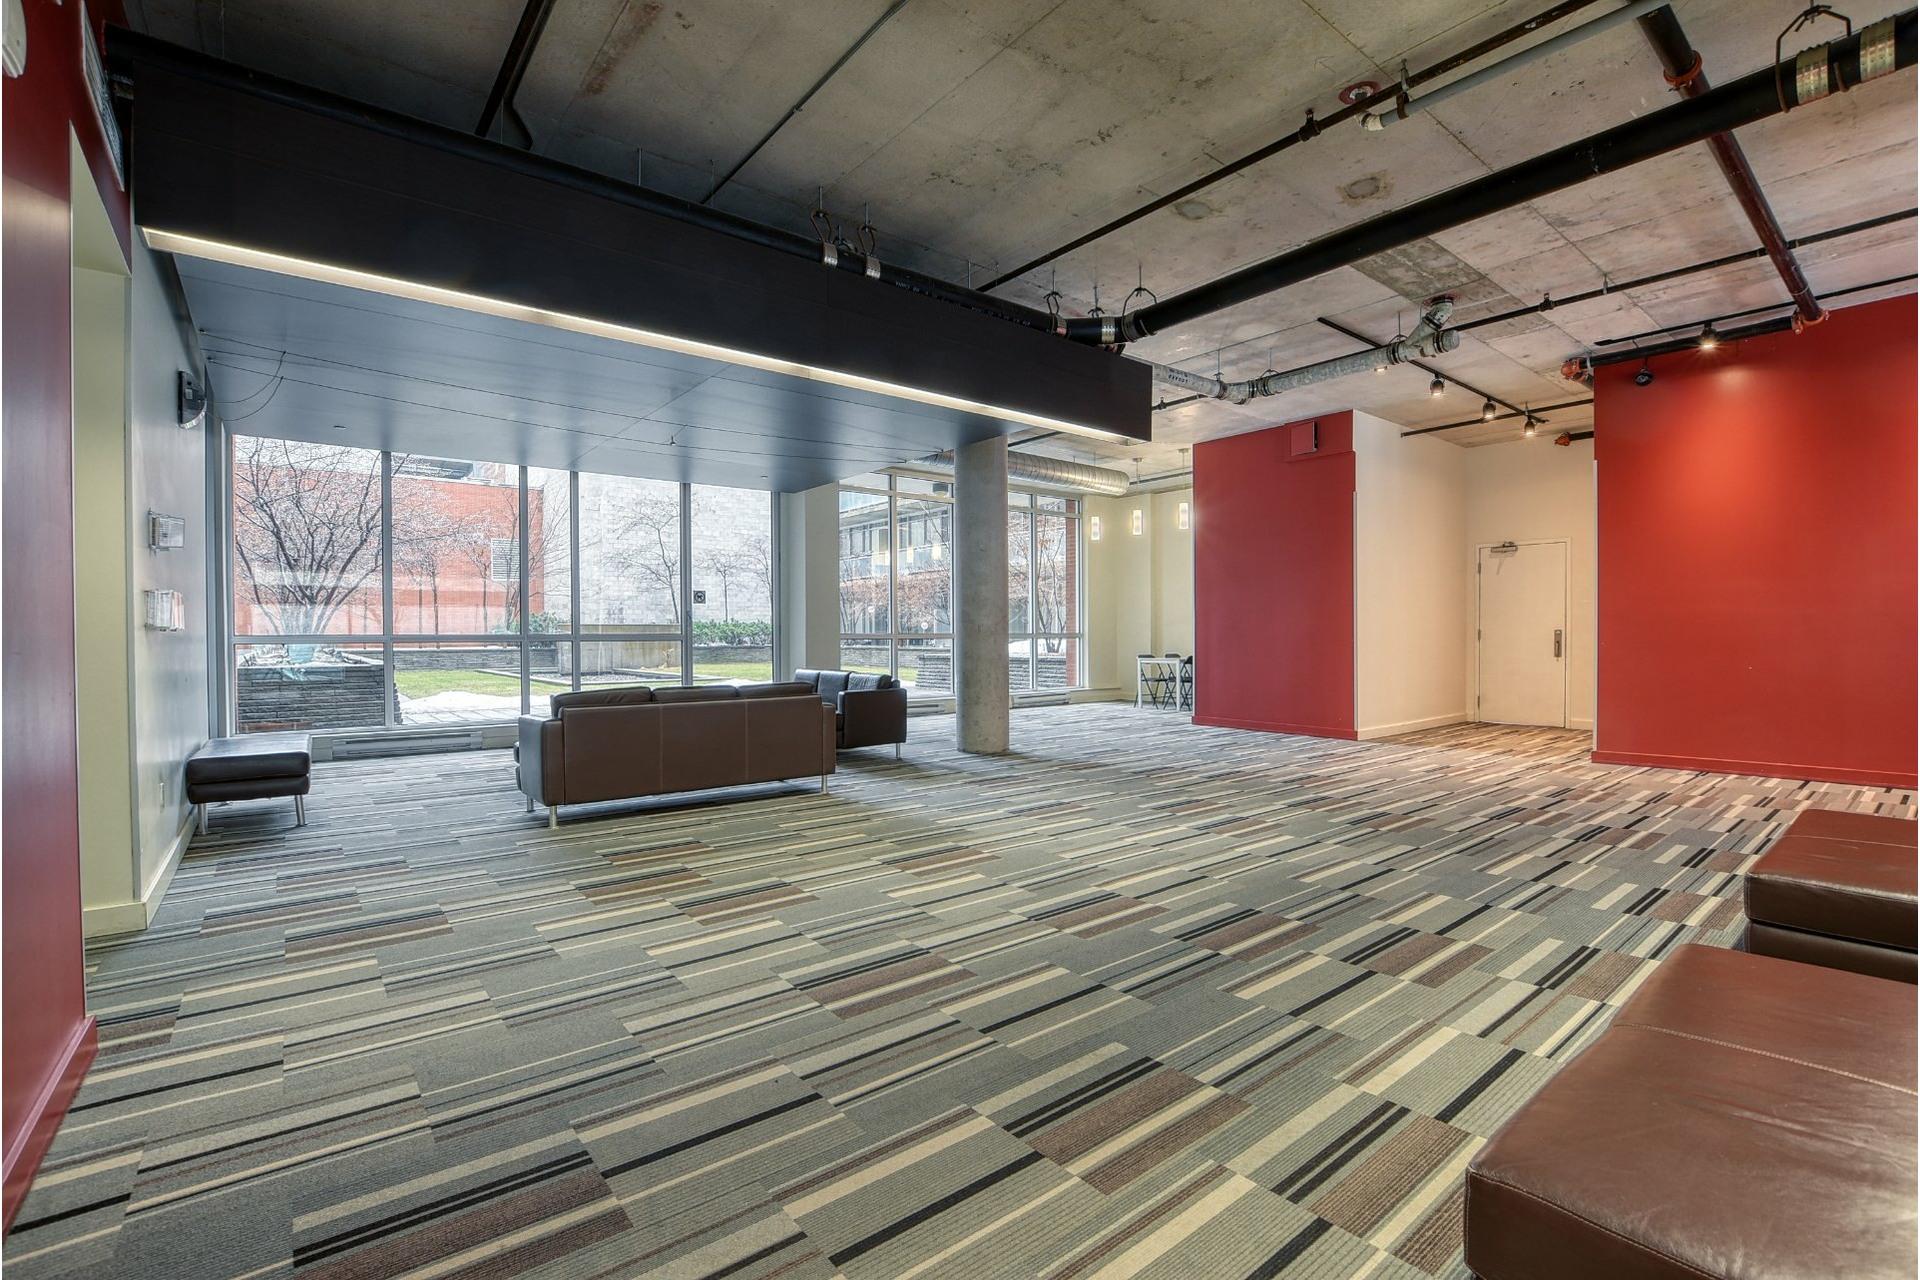 image 19 - Apartment For sale Ville-Marie Montréal  - 6 rooms